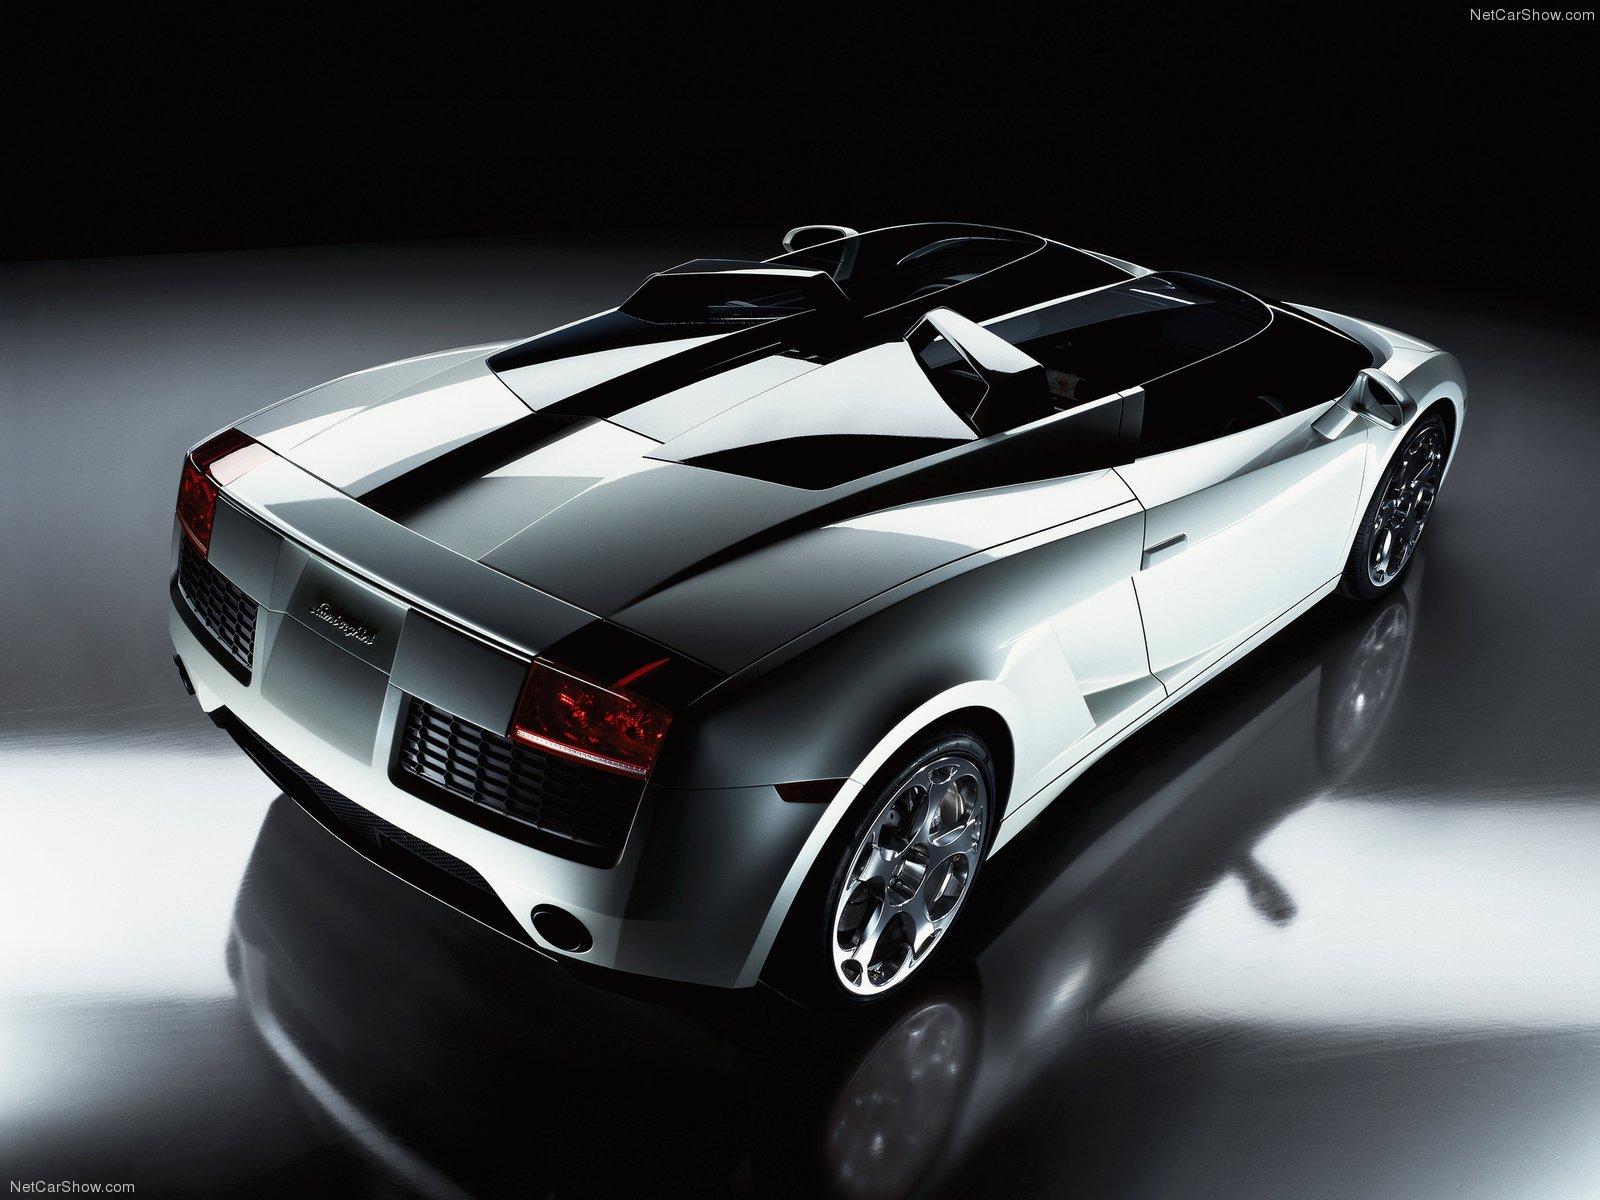 Hình ảnh siêu xe Lamborghini Concept S 2005 & nội ngoại thất